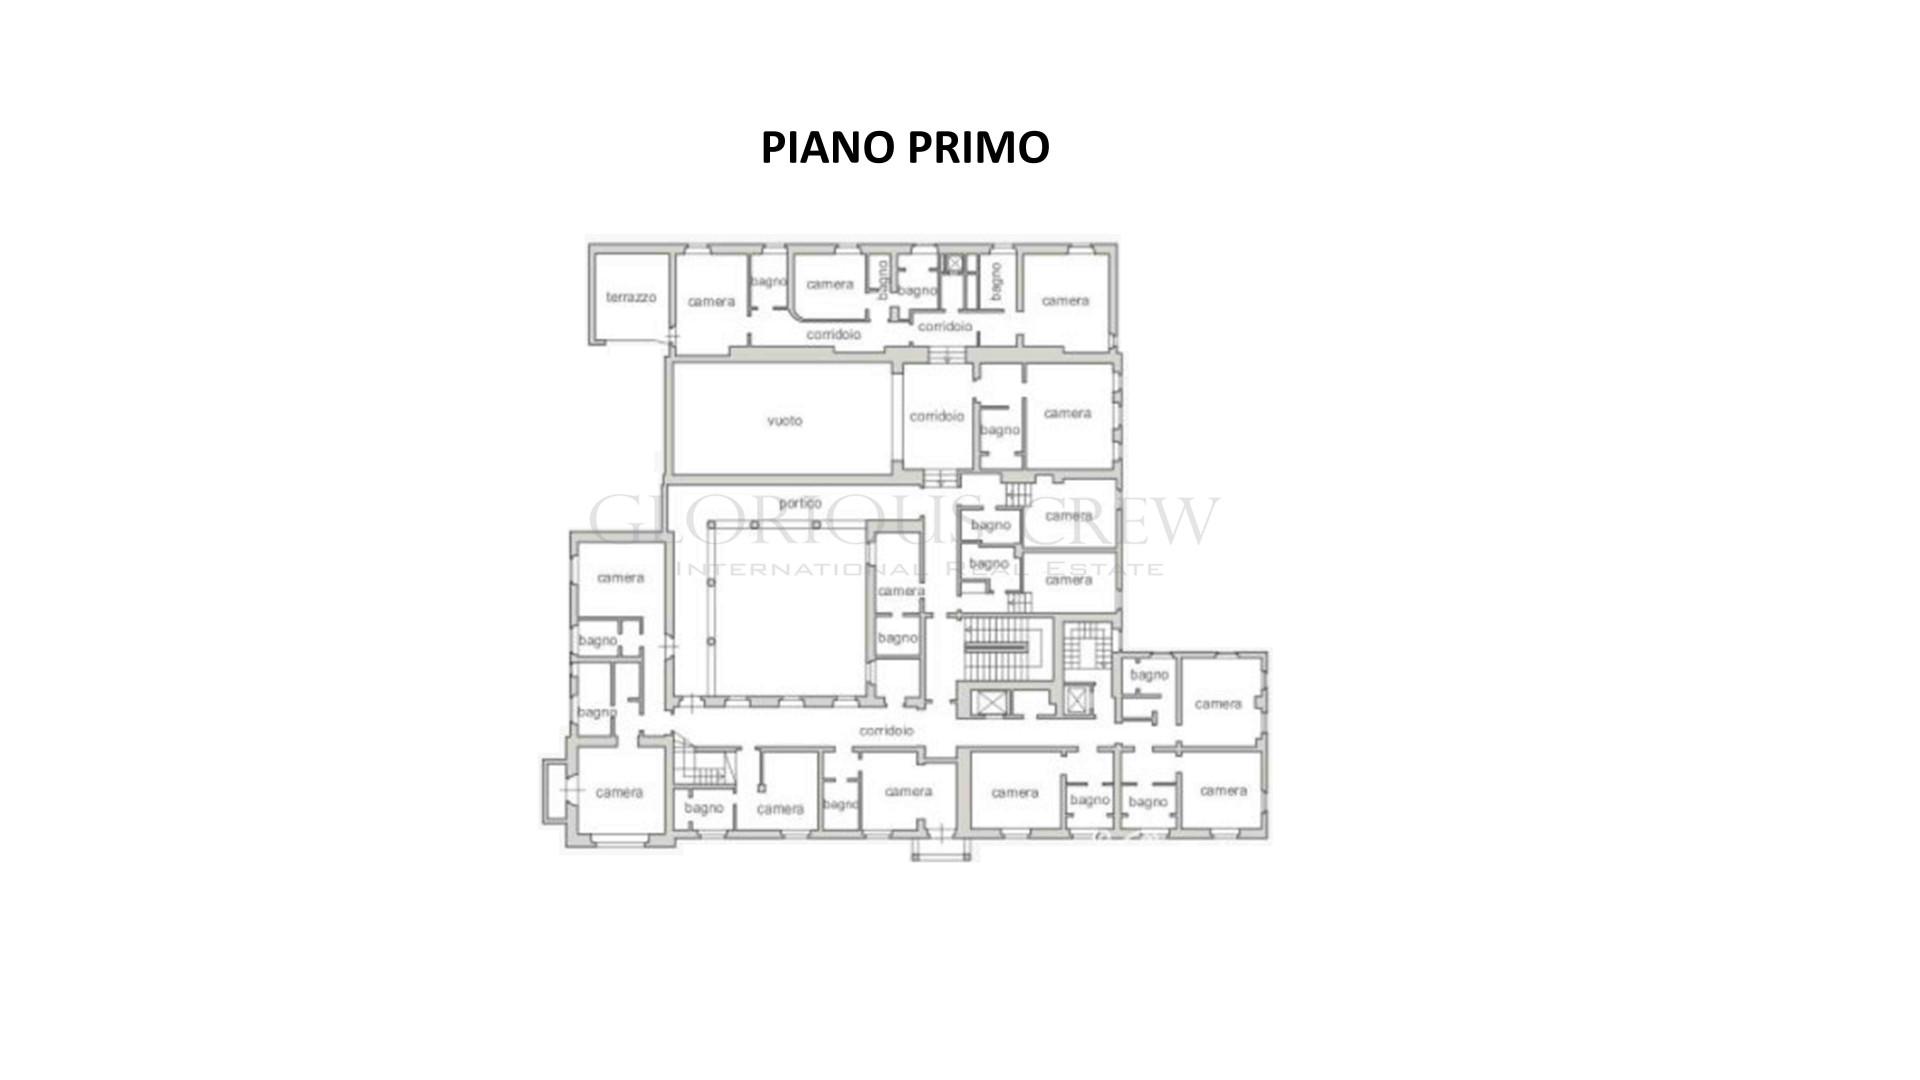 Rustico in Vendita a San Gimignano: 5 locali, 2500 mq - Foto 23